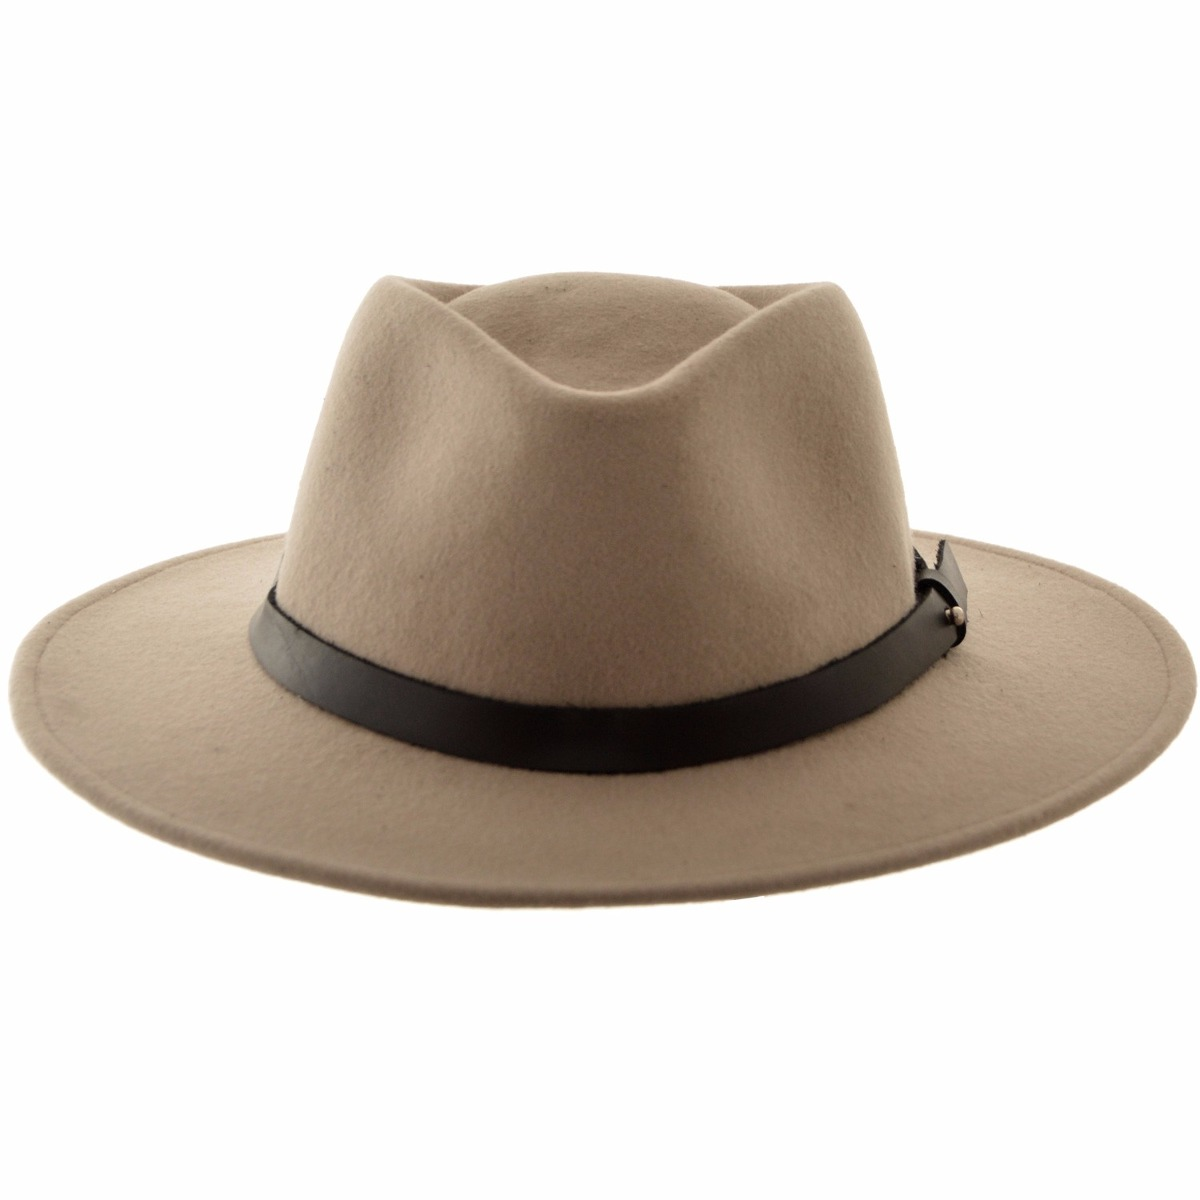 9c87276464d42 sombrero fieltro australian compañia de sombreros m524010-90. Cargando zoom.